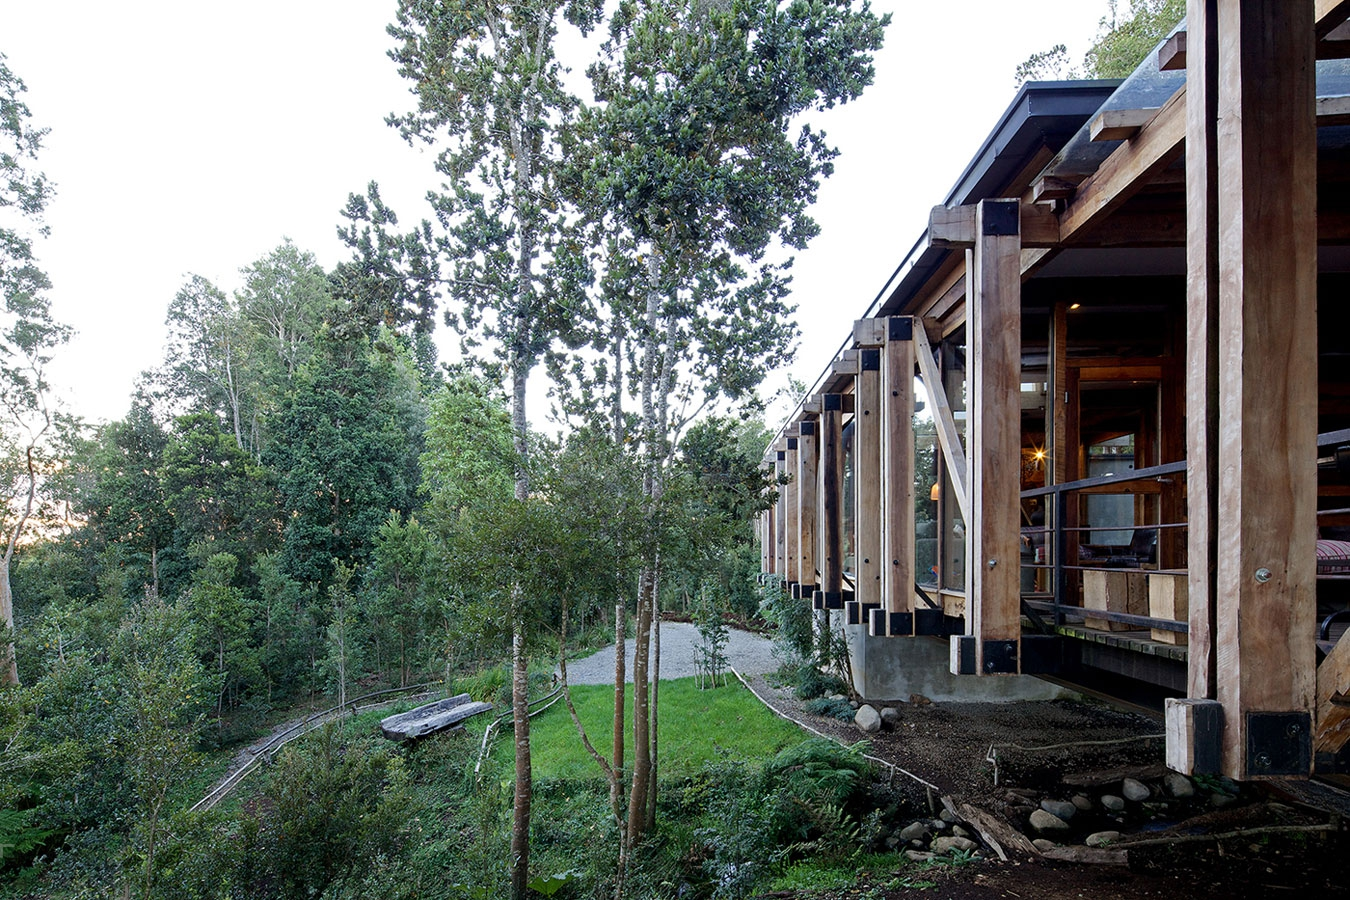 Частный особняк, построенный в 2010, Чили